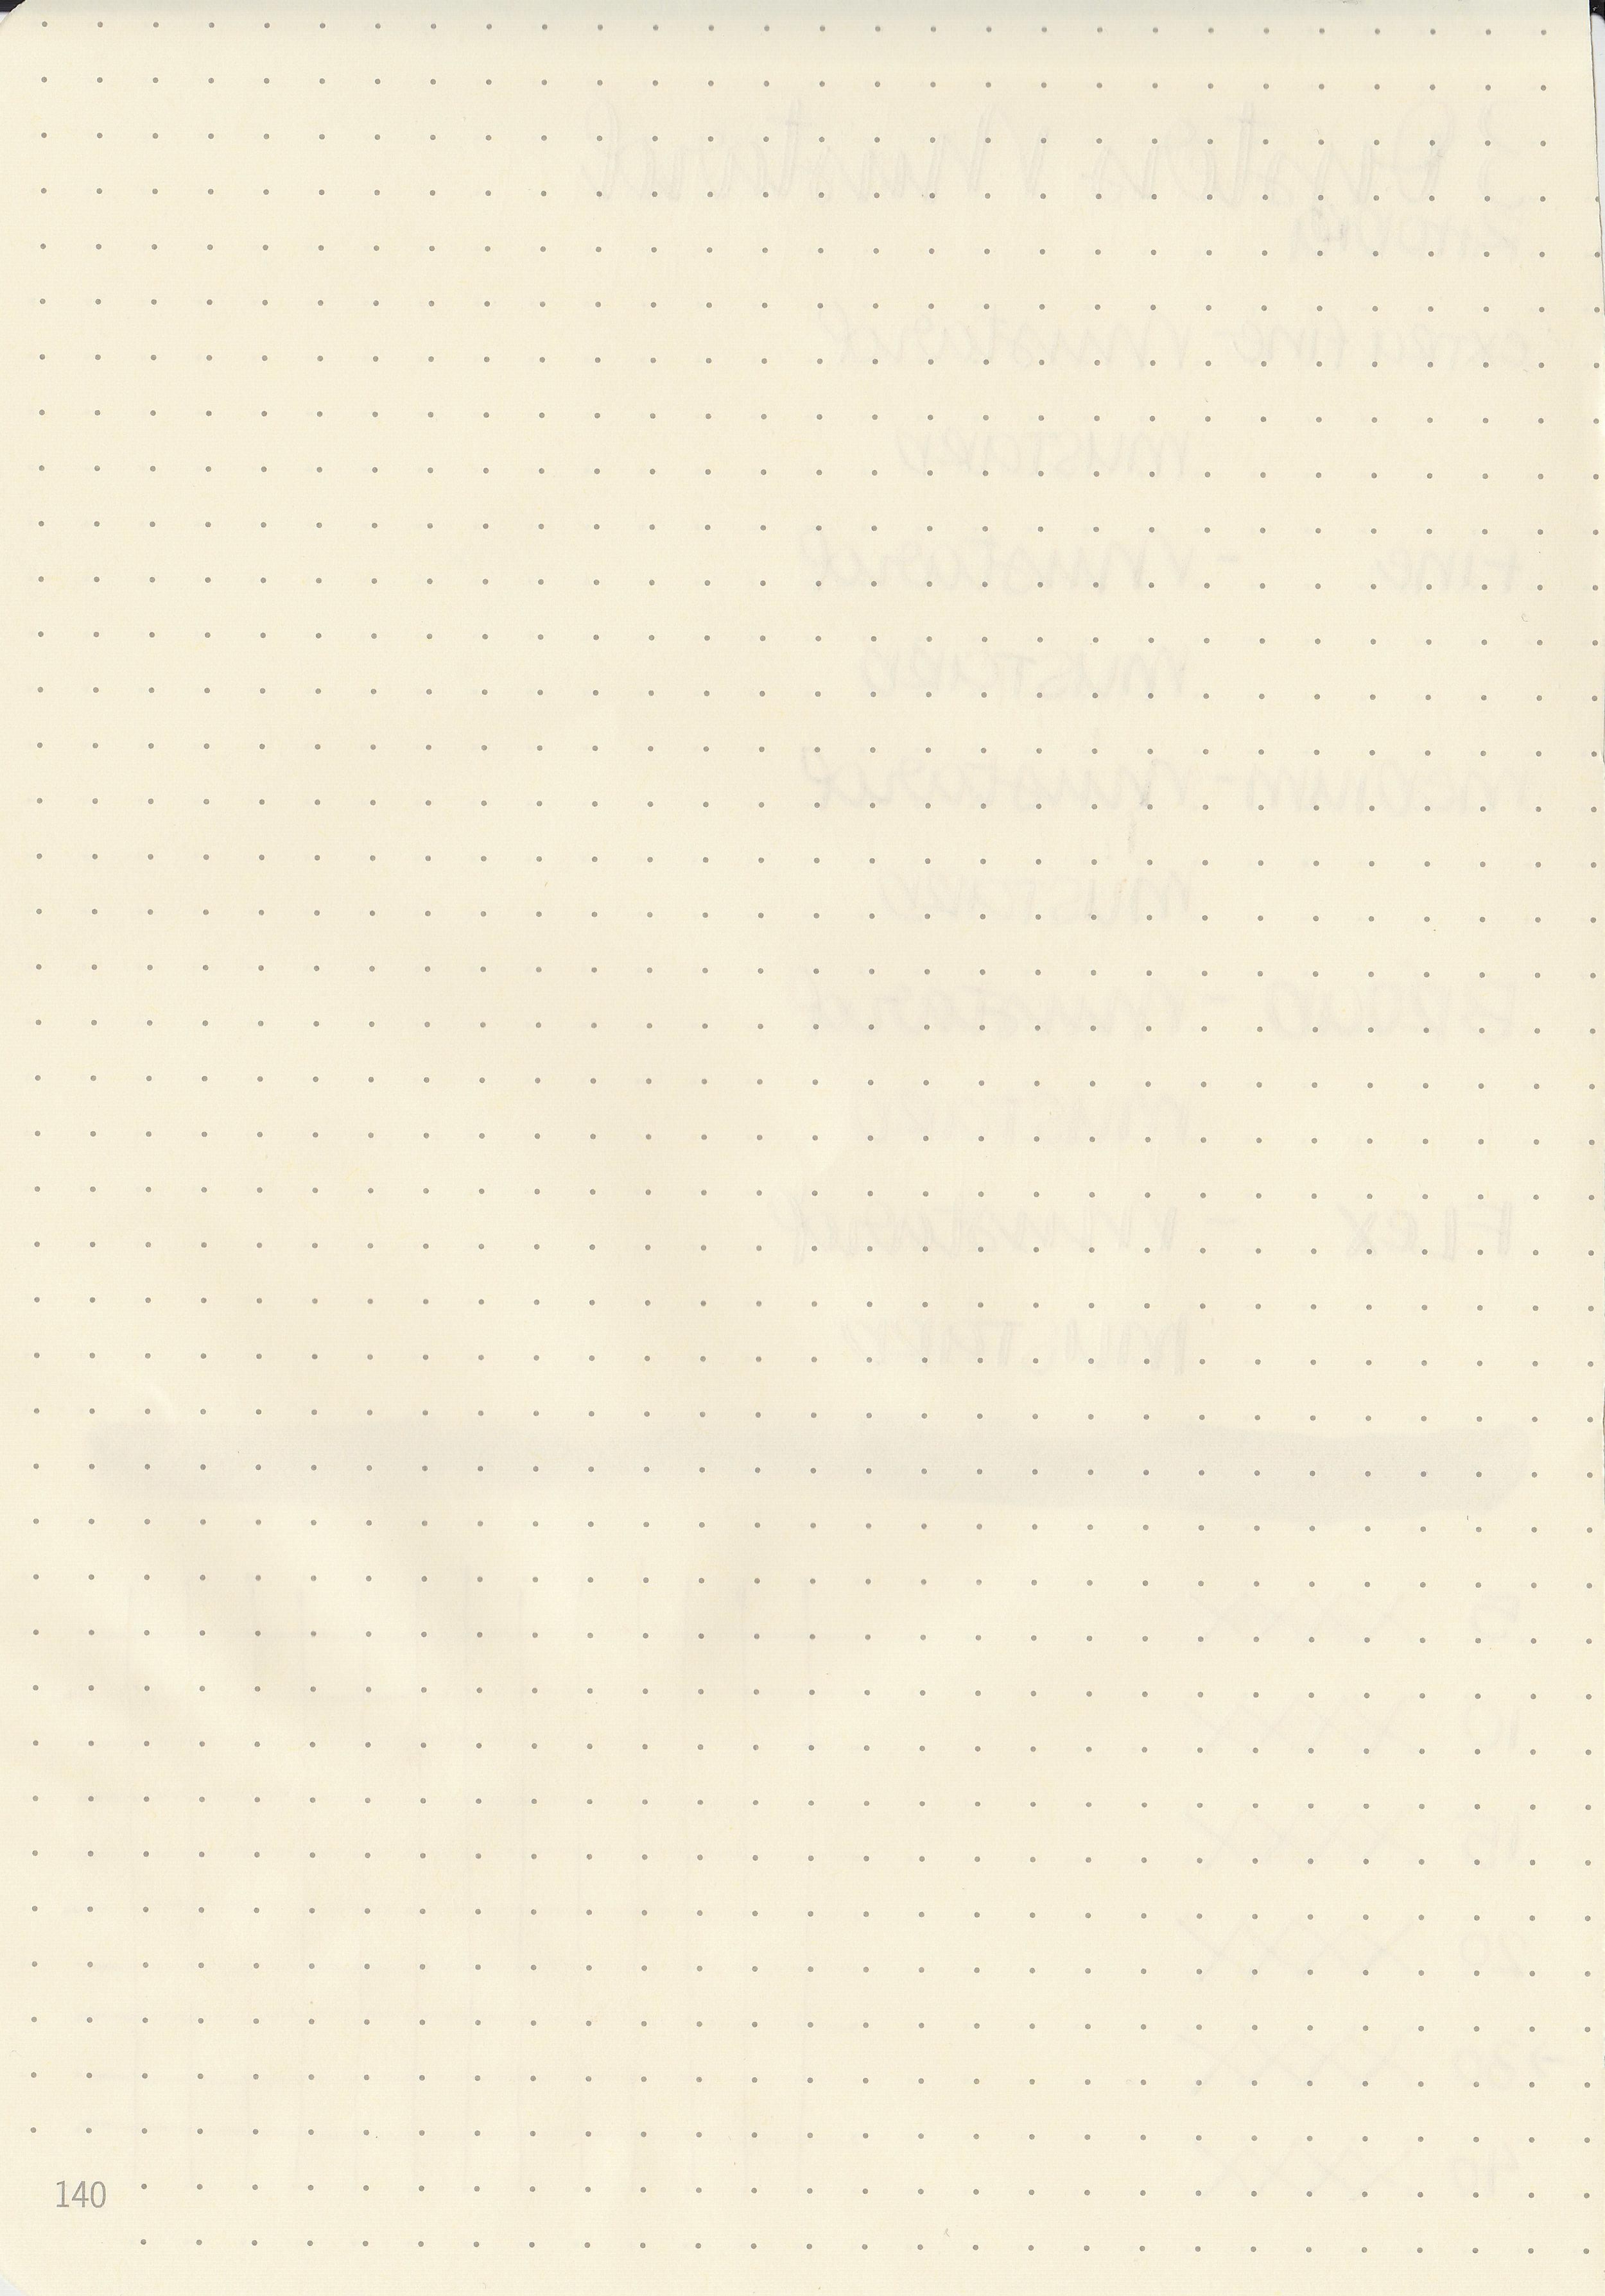 3o-mustard-6.jpg